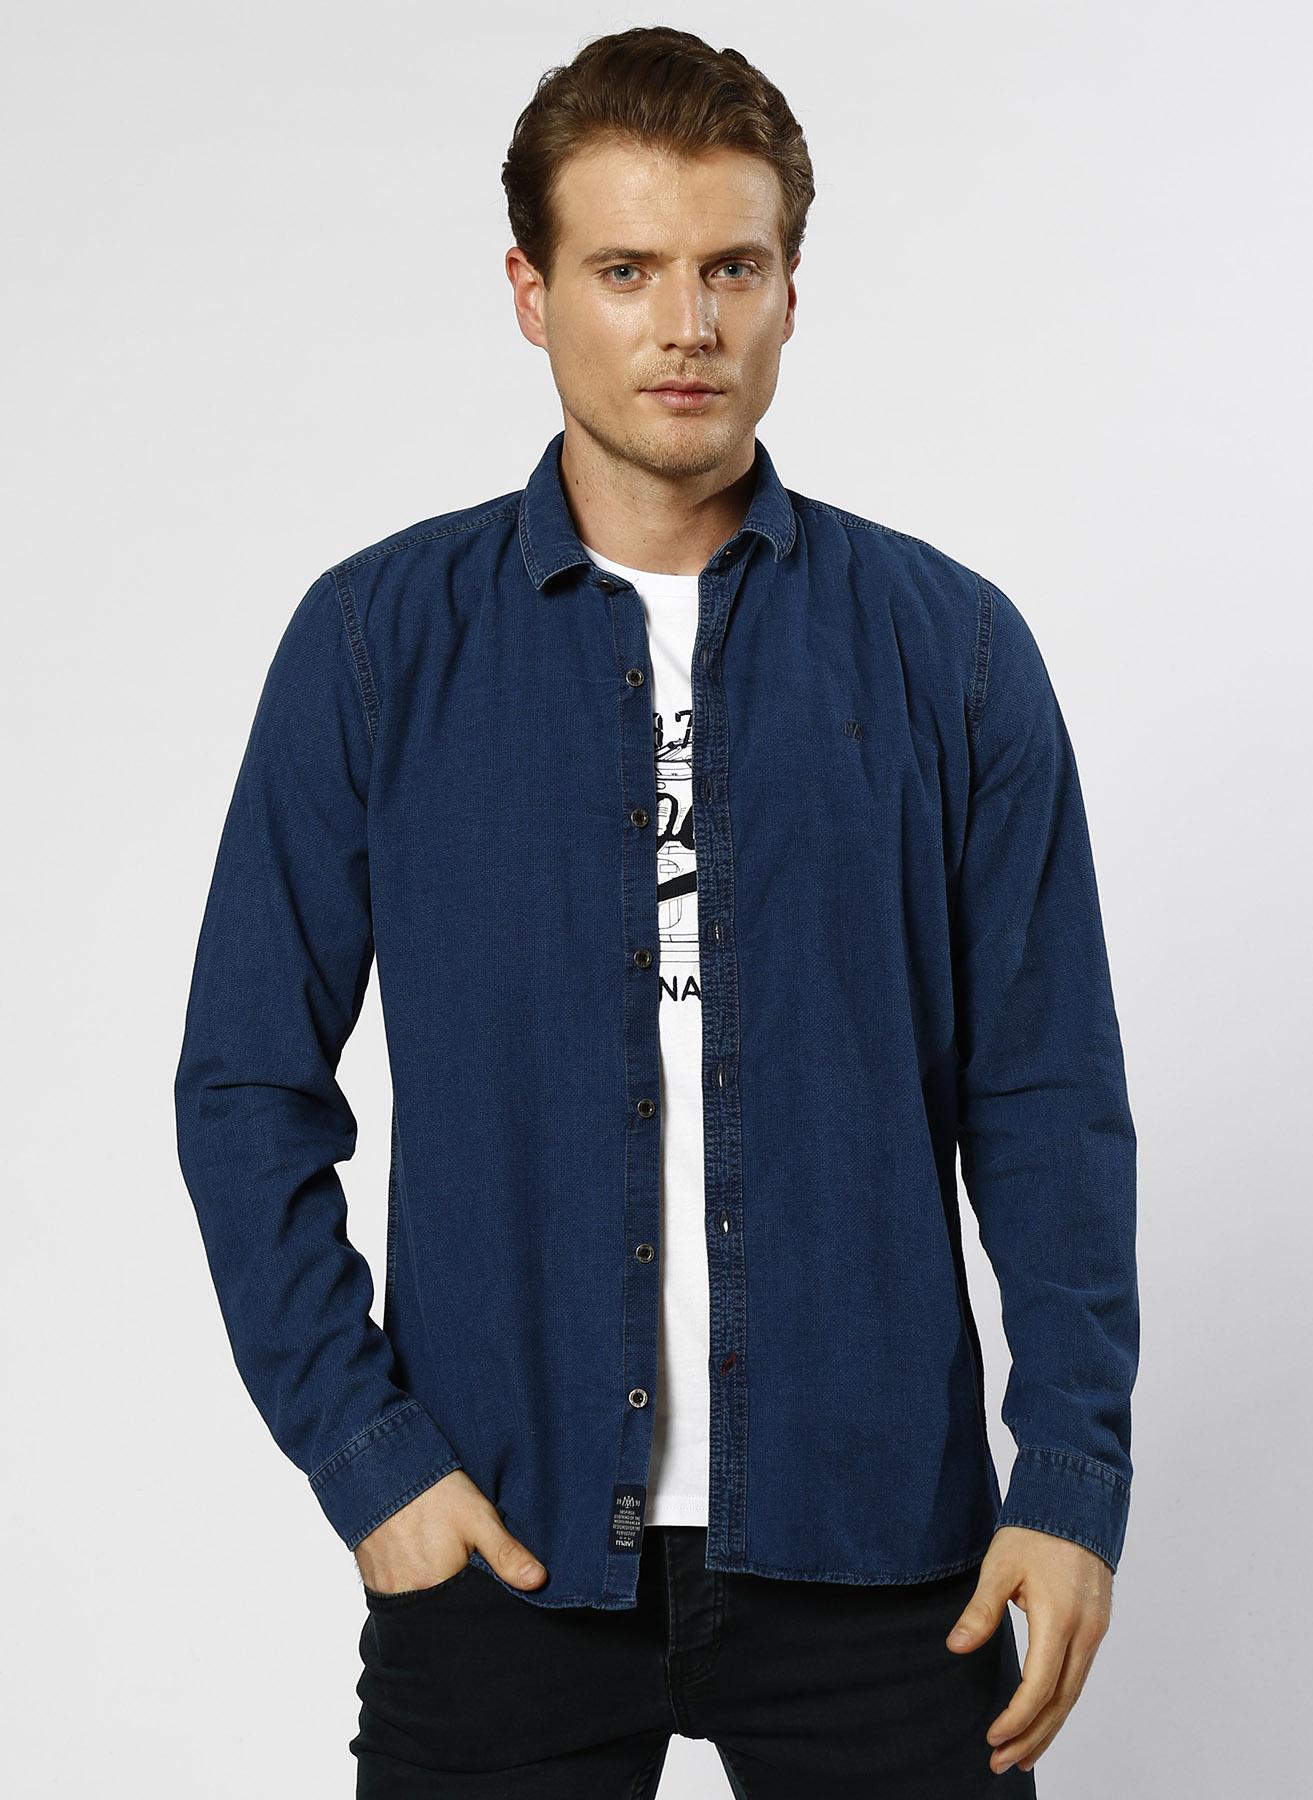 Mavi Cepsiz İndigo Gömlek L 5000193513004 Ürün Resmi